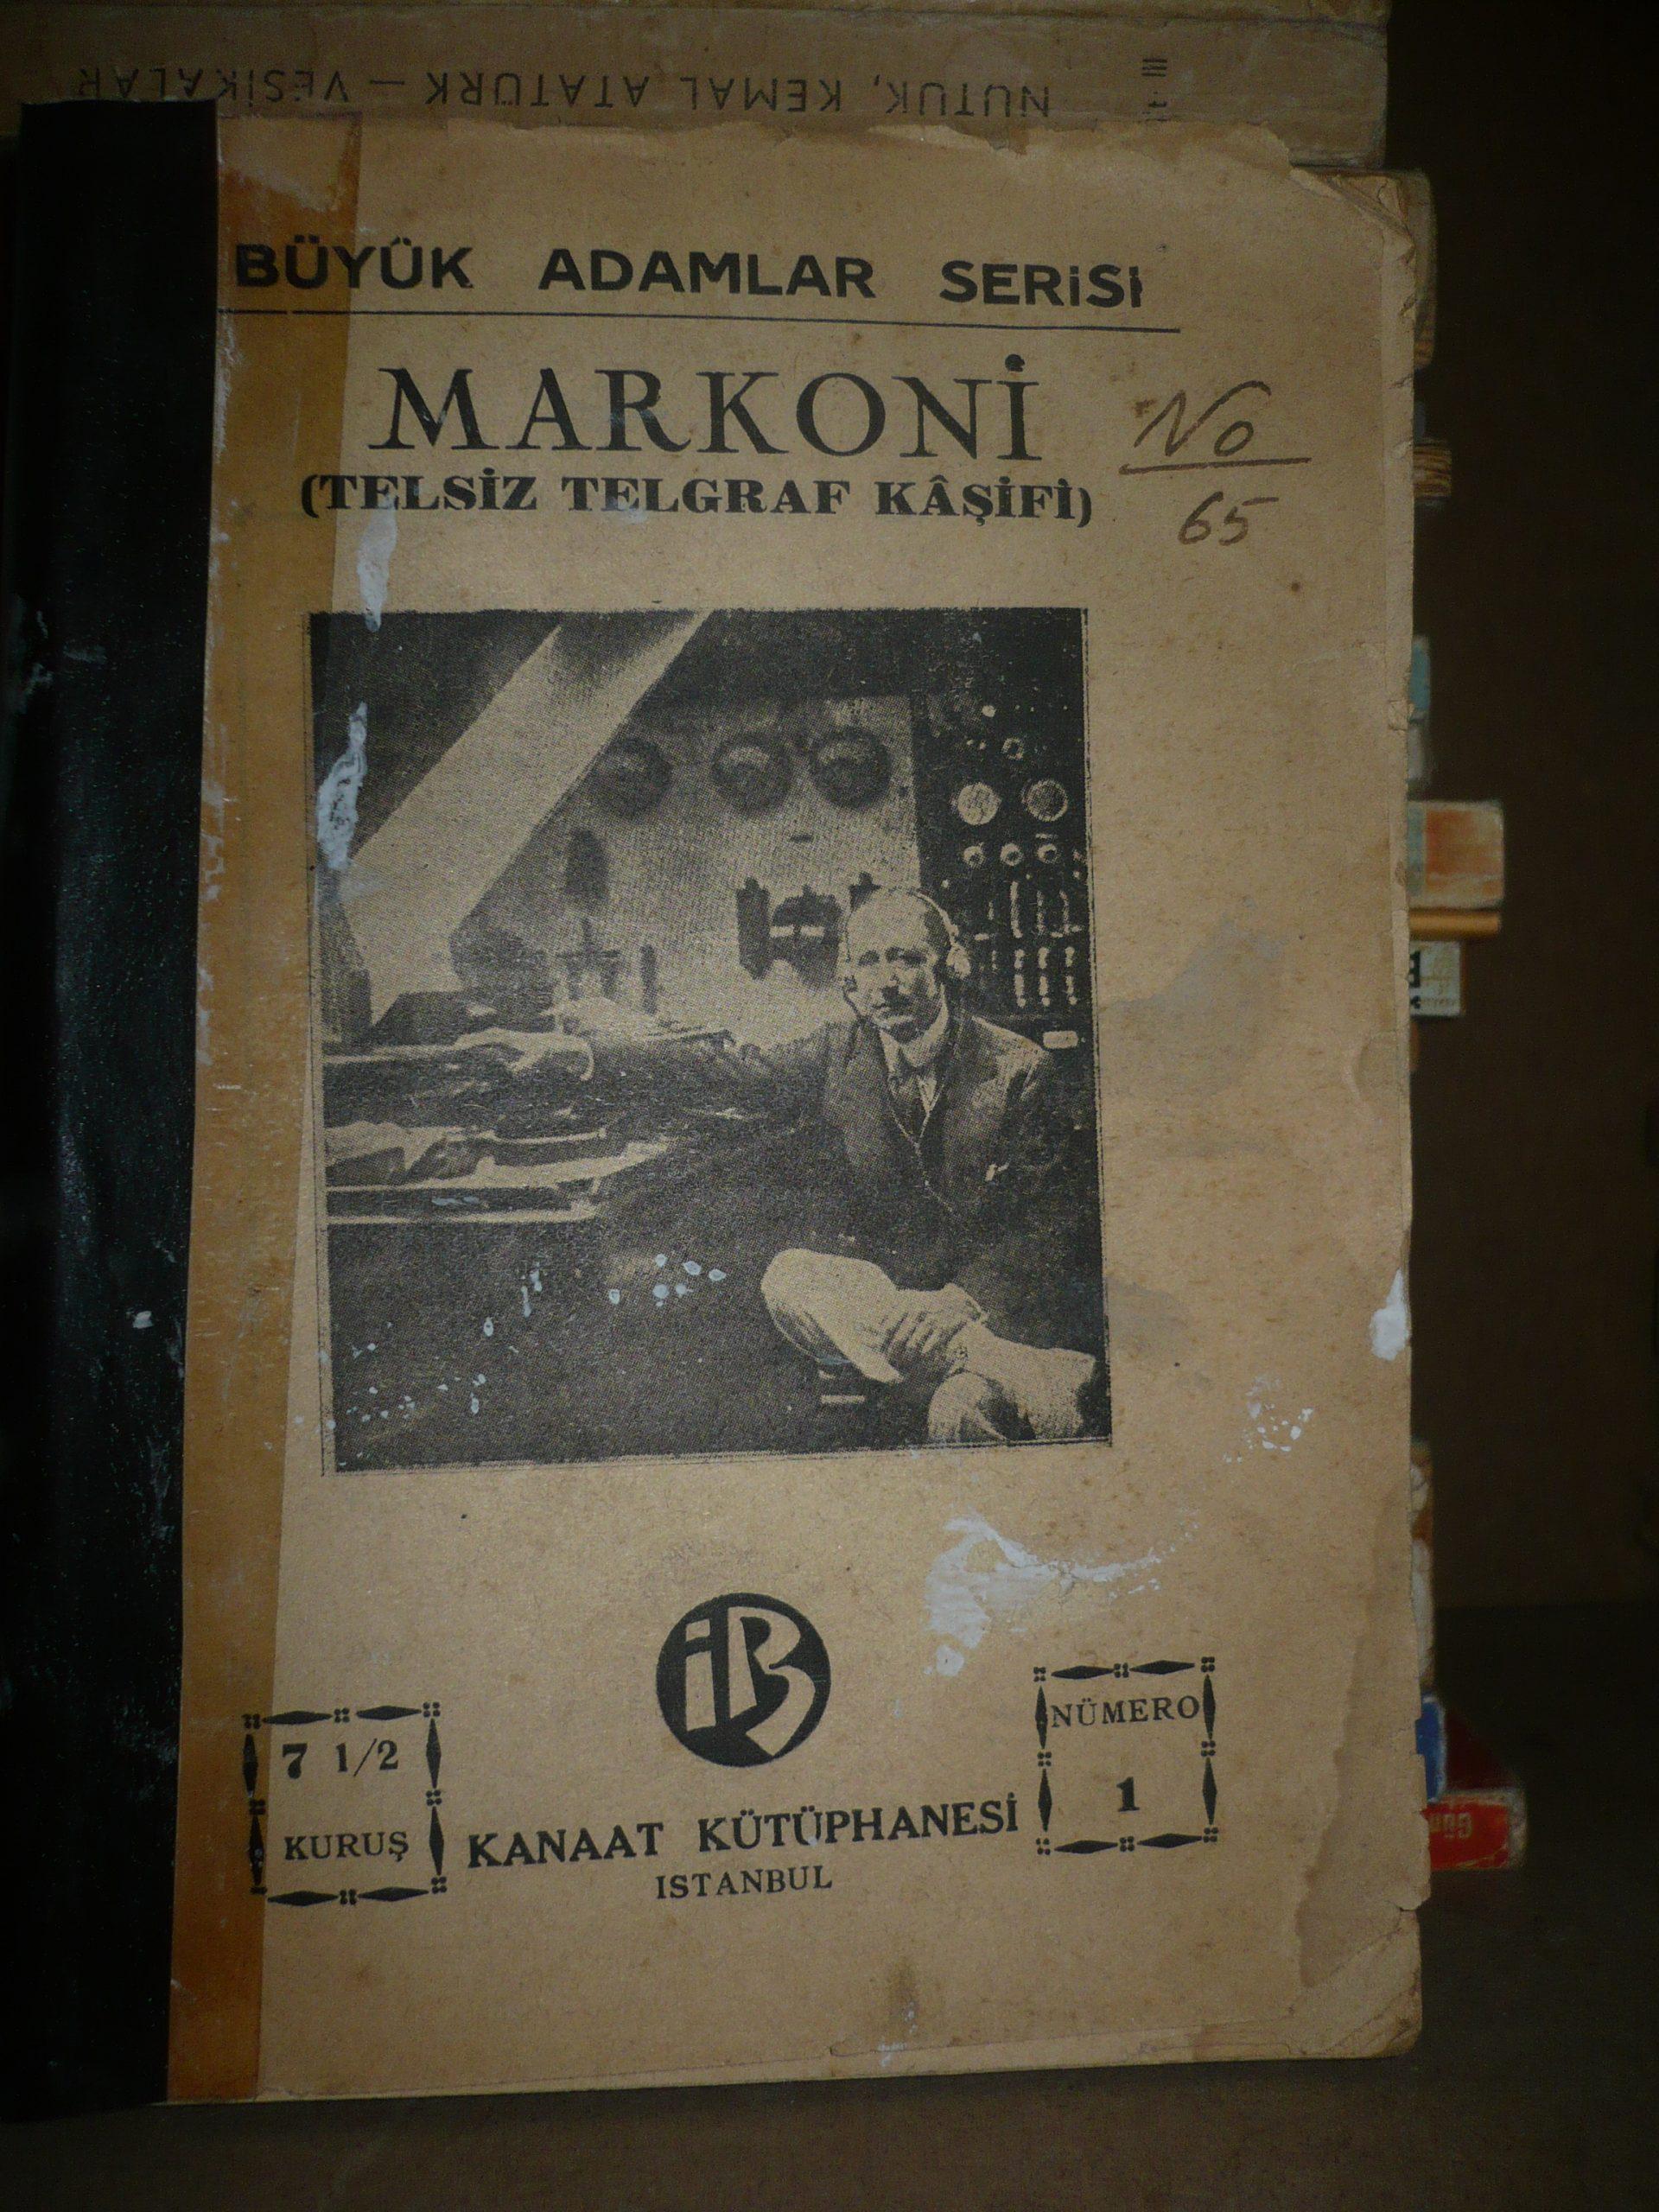 BÜYÜK ADAMLAR SERİSİ/KANAAT KÜTÜPHANESİ(30 Kişinin biyoğrafisi)/ tek kitap 50 tl